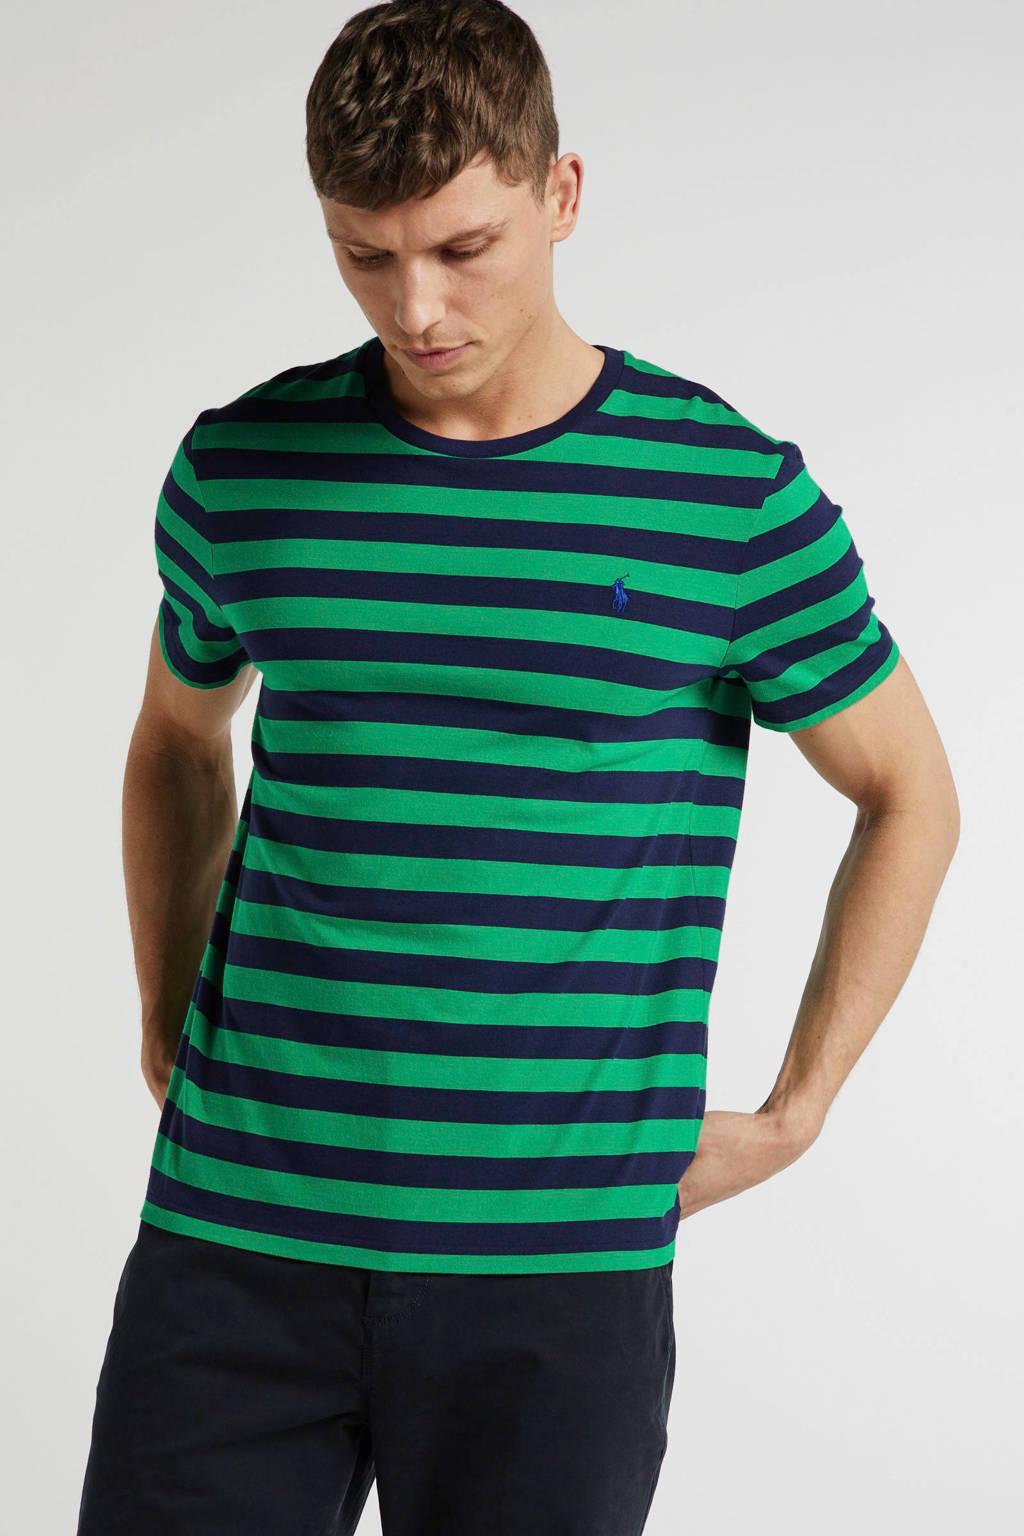 POLO Ralph Lauren gestreept T-shirt groen, Groen